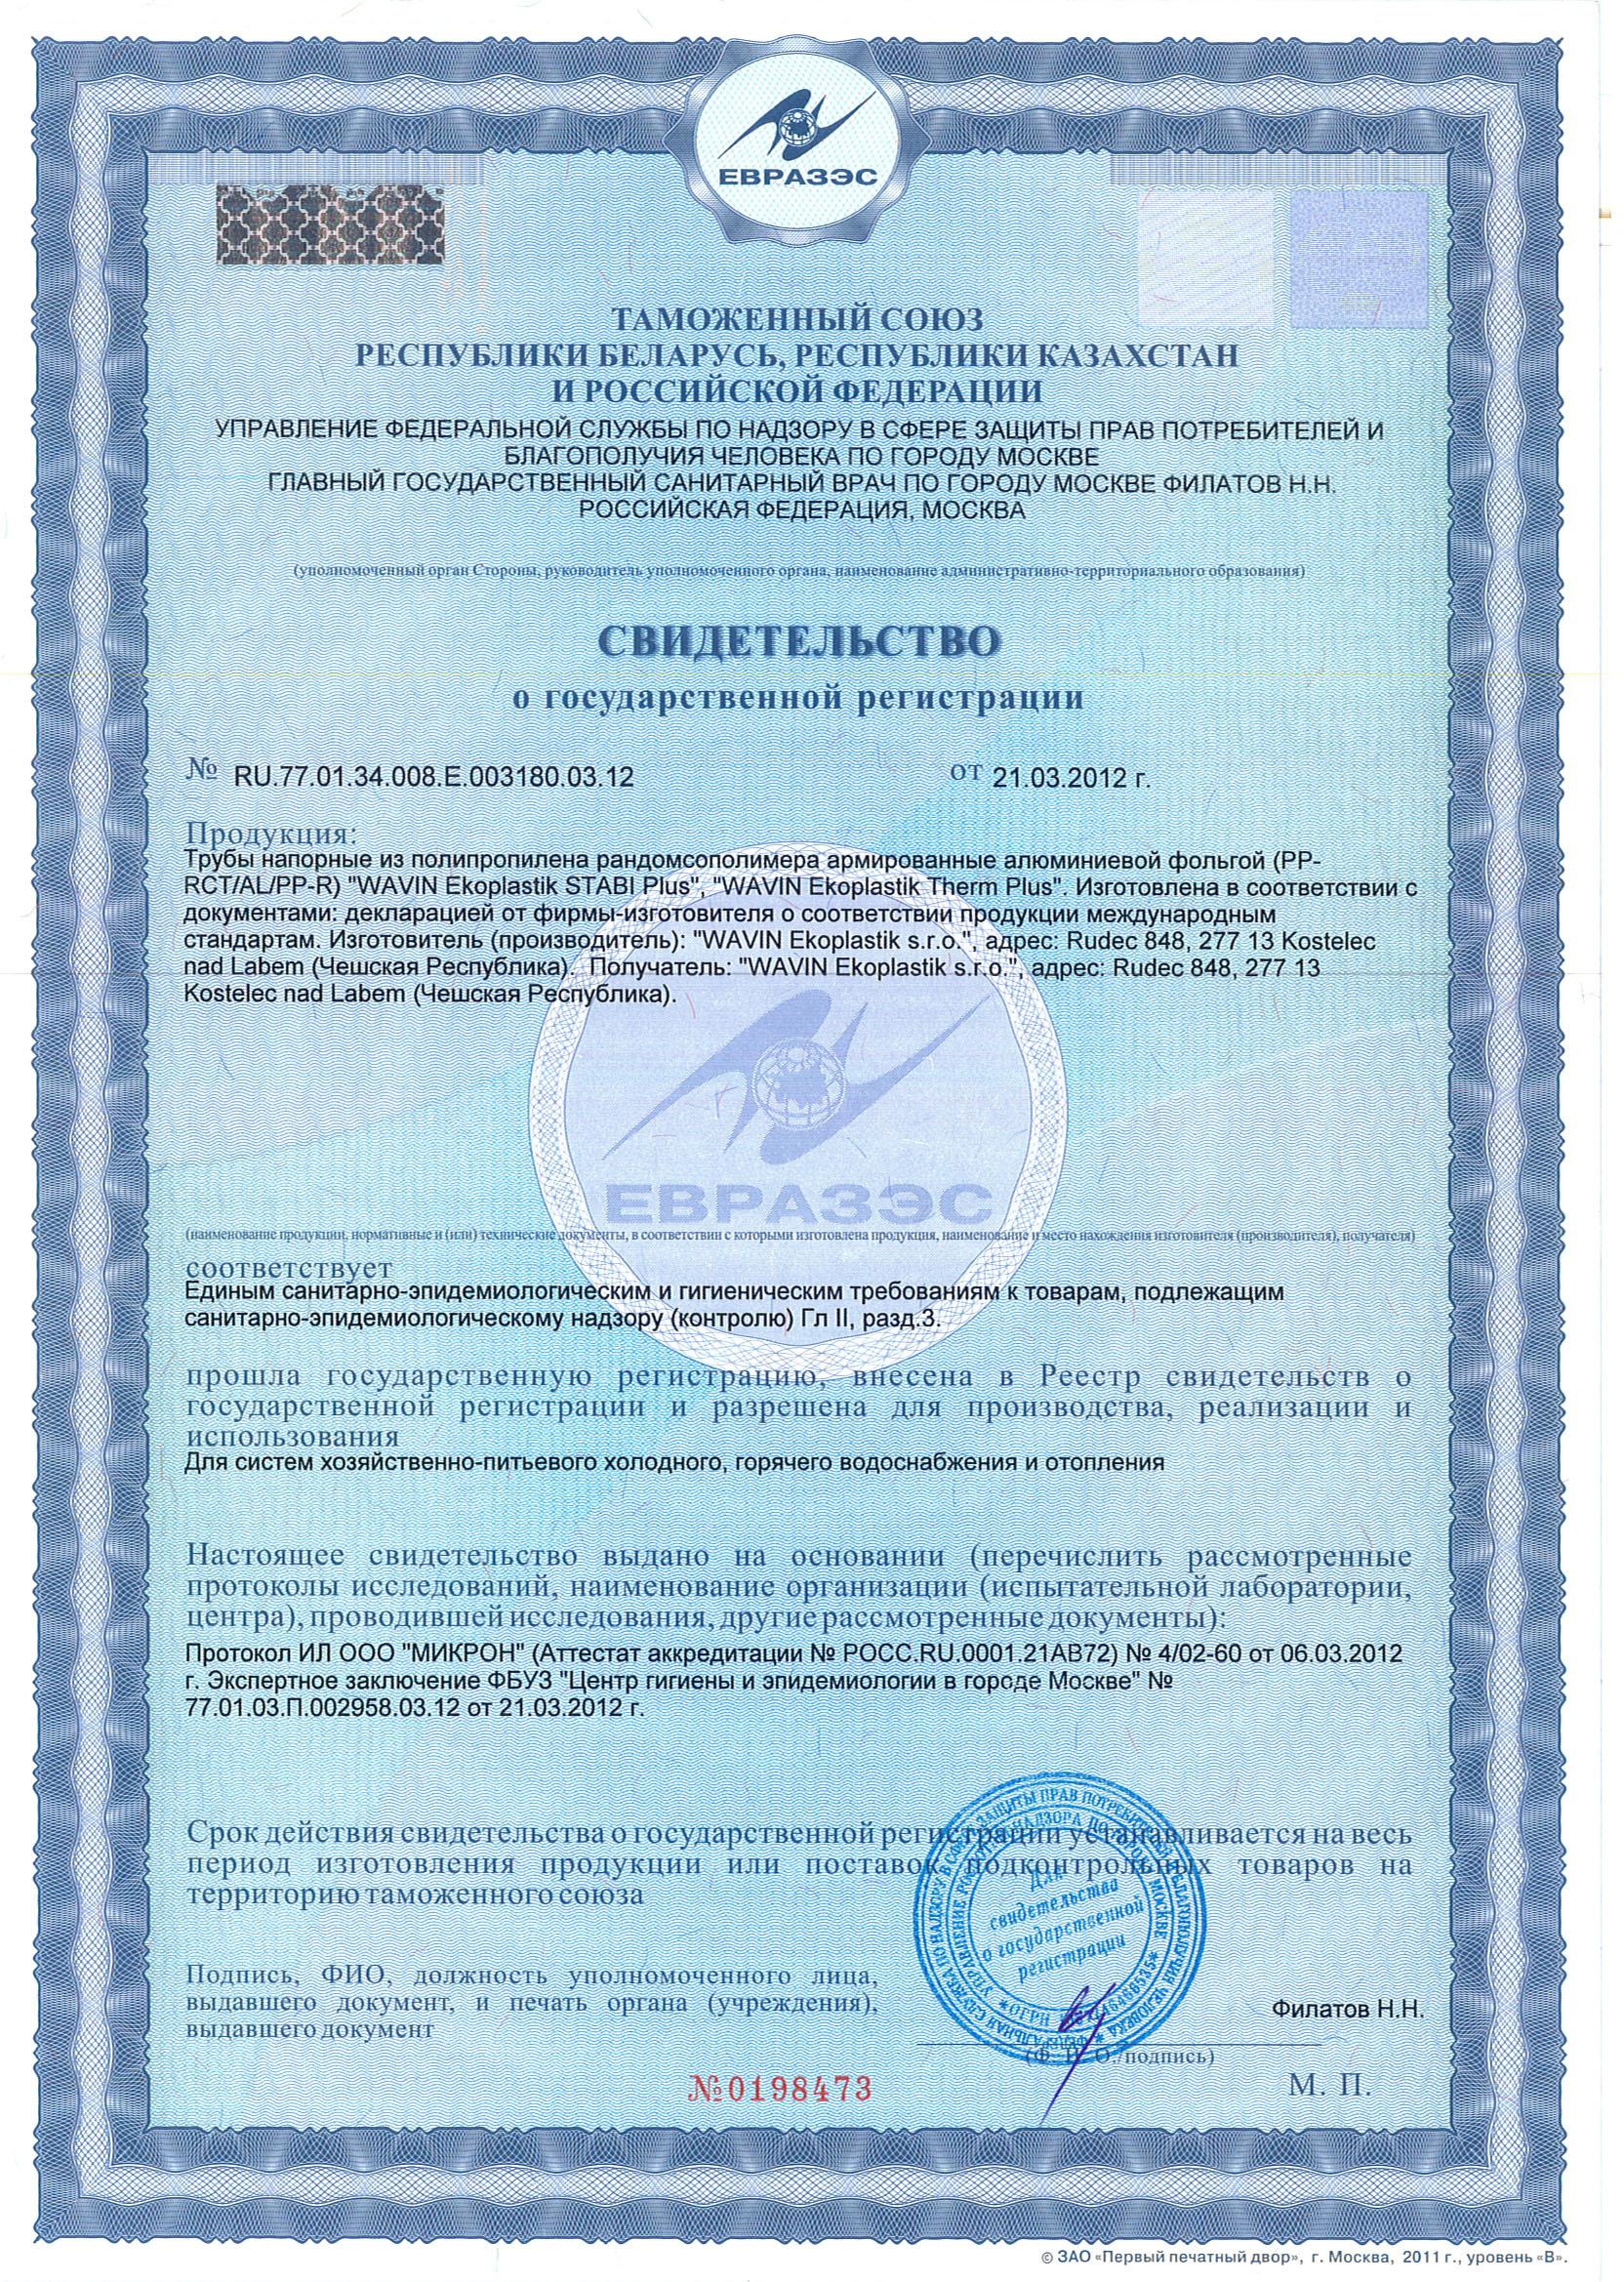 Сертификат на трубы из сшитого полиэтилена 392